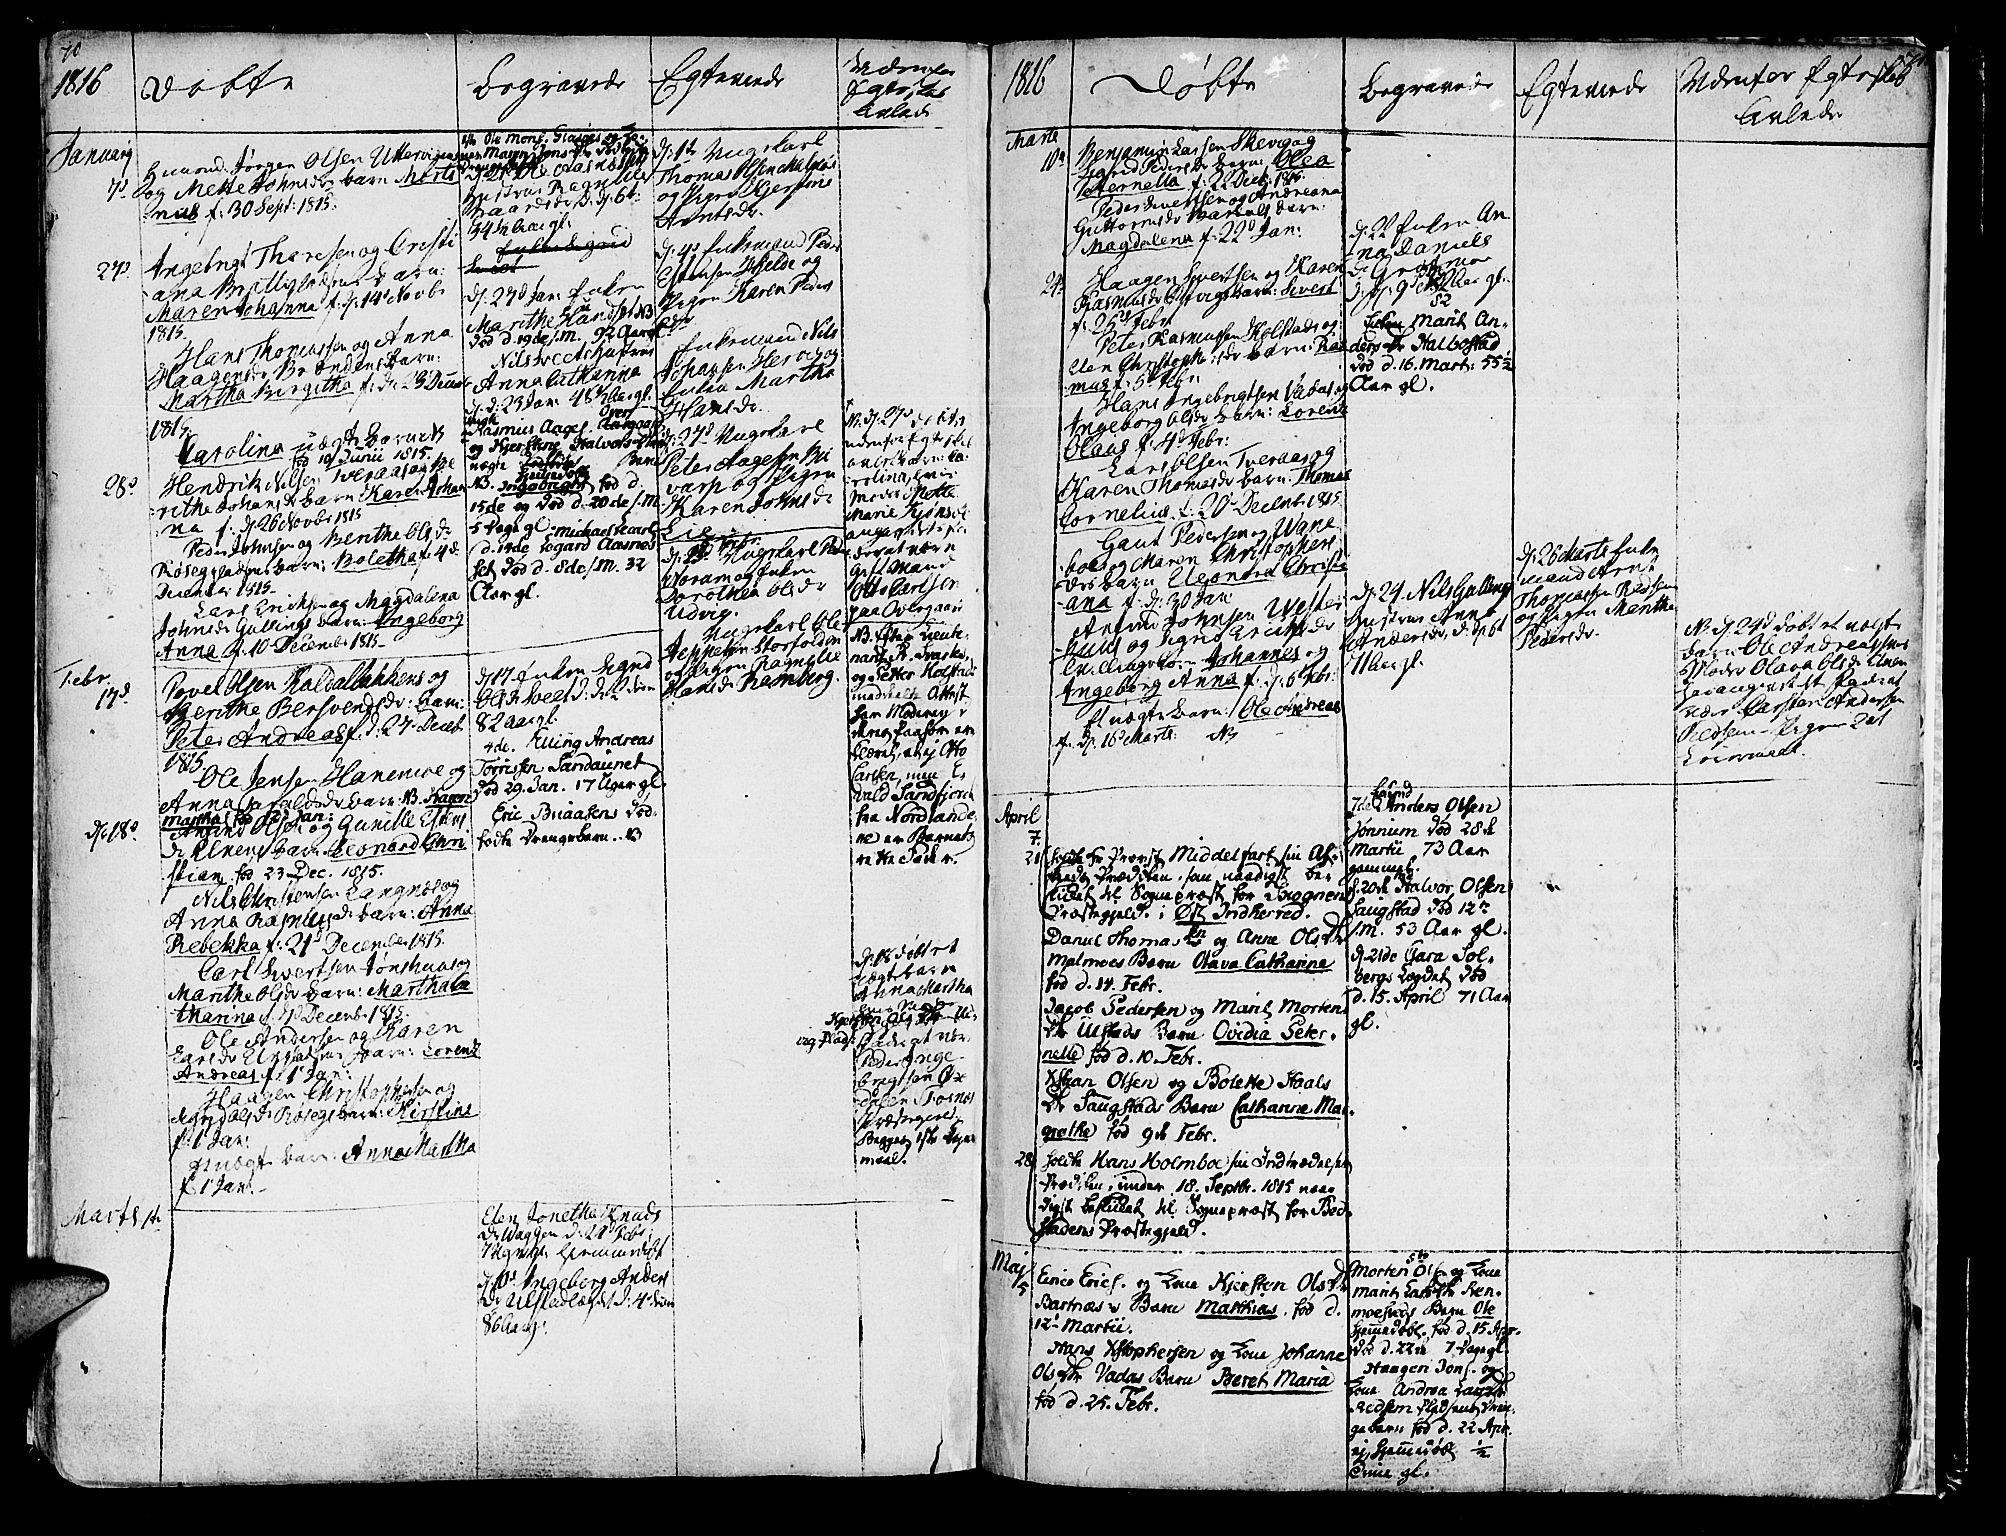 SAT, Ministerialprotokoller, klokkerbøker og fødselsregistre - Nord-Trøndelag, 741/L0386: Ministerialbok nr. 741A02, 1804-1816, s. 70-71